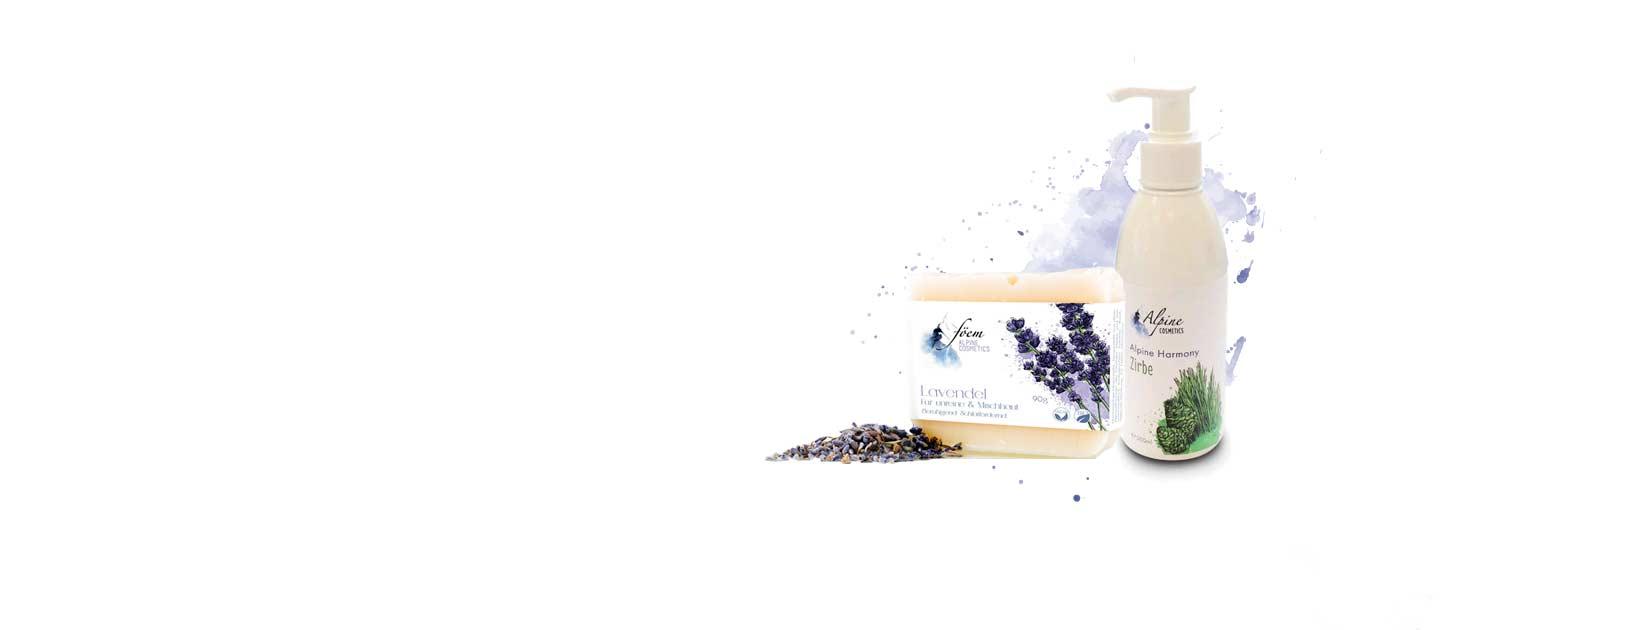 echt - frisch - rein: Einzigartige Rezepturen in handgemachter, veganer und biozertifizierter Naturkosmetik aus den Ötztaler Alpen.